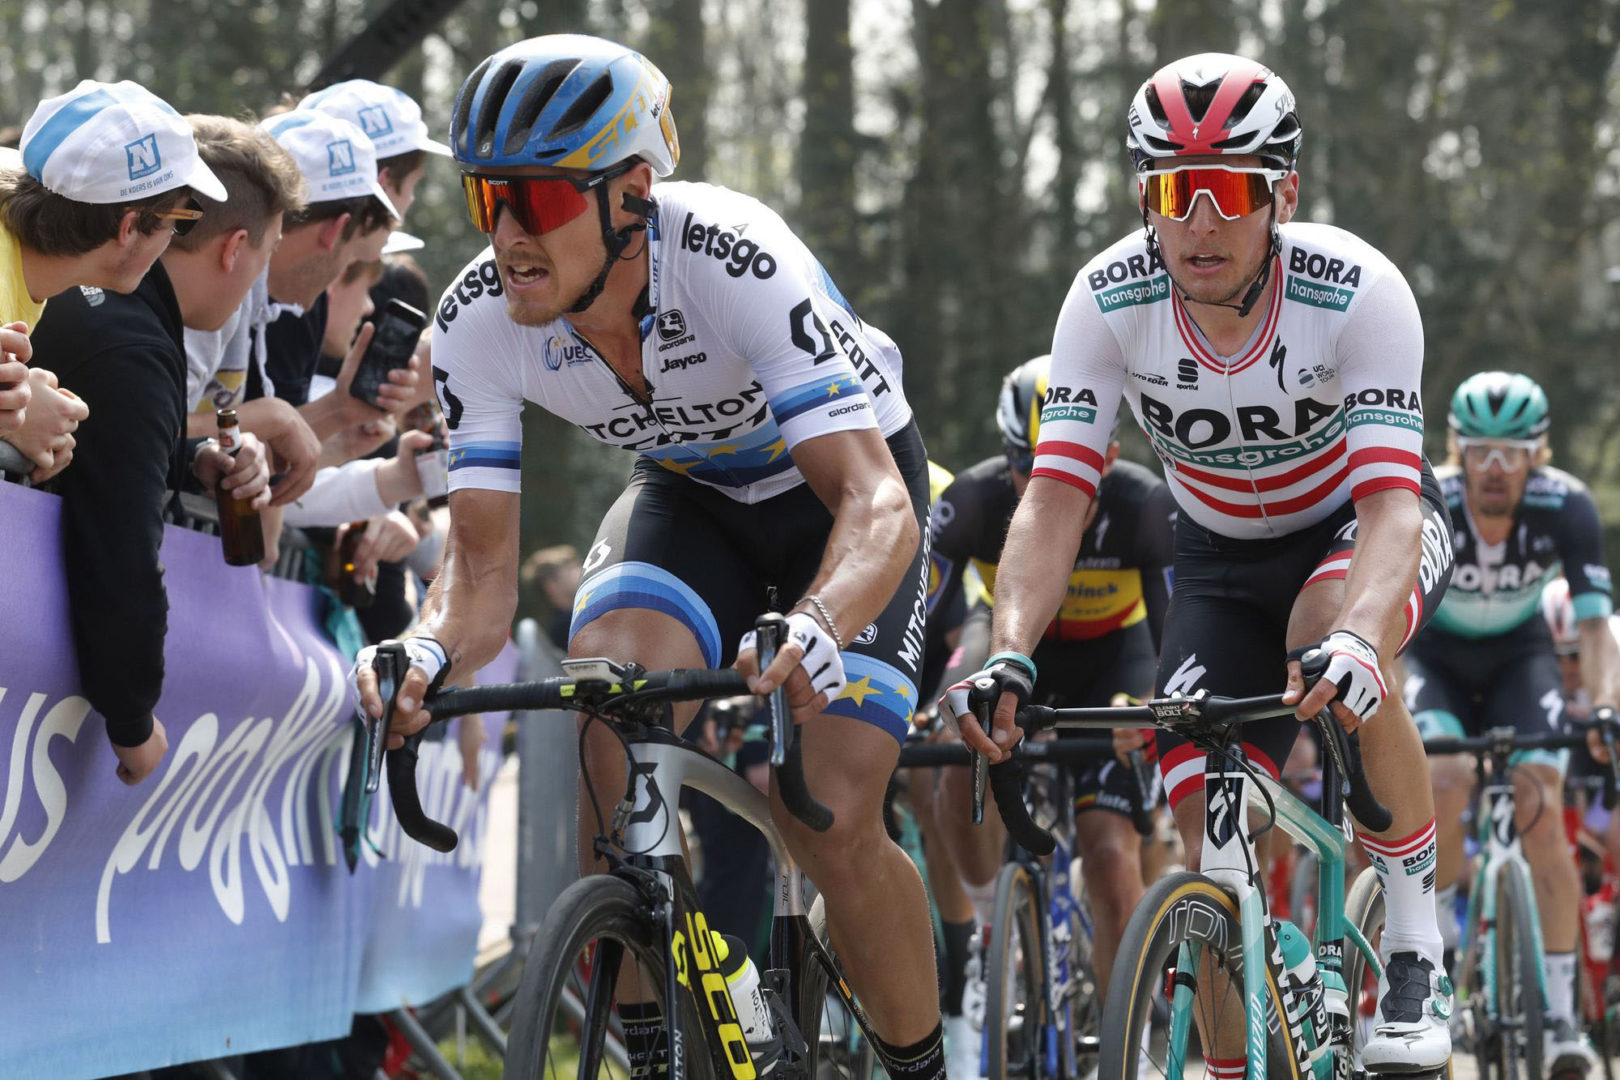 Giro delle Fiandre 2019 - Tour des Flandres  - Ronde van Vlaanderen - Antwerp - Oudenaarde 270 km - 07/04/2019 Matteo Trentin (ITA - Mitchelton - Scott) - Lukas Postlberger (AUT - Bora - Hansgrohe) - photo Peter De Voecht/PN/BettiniPhoto©2018